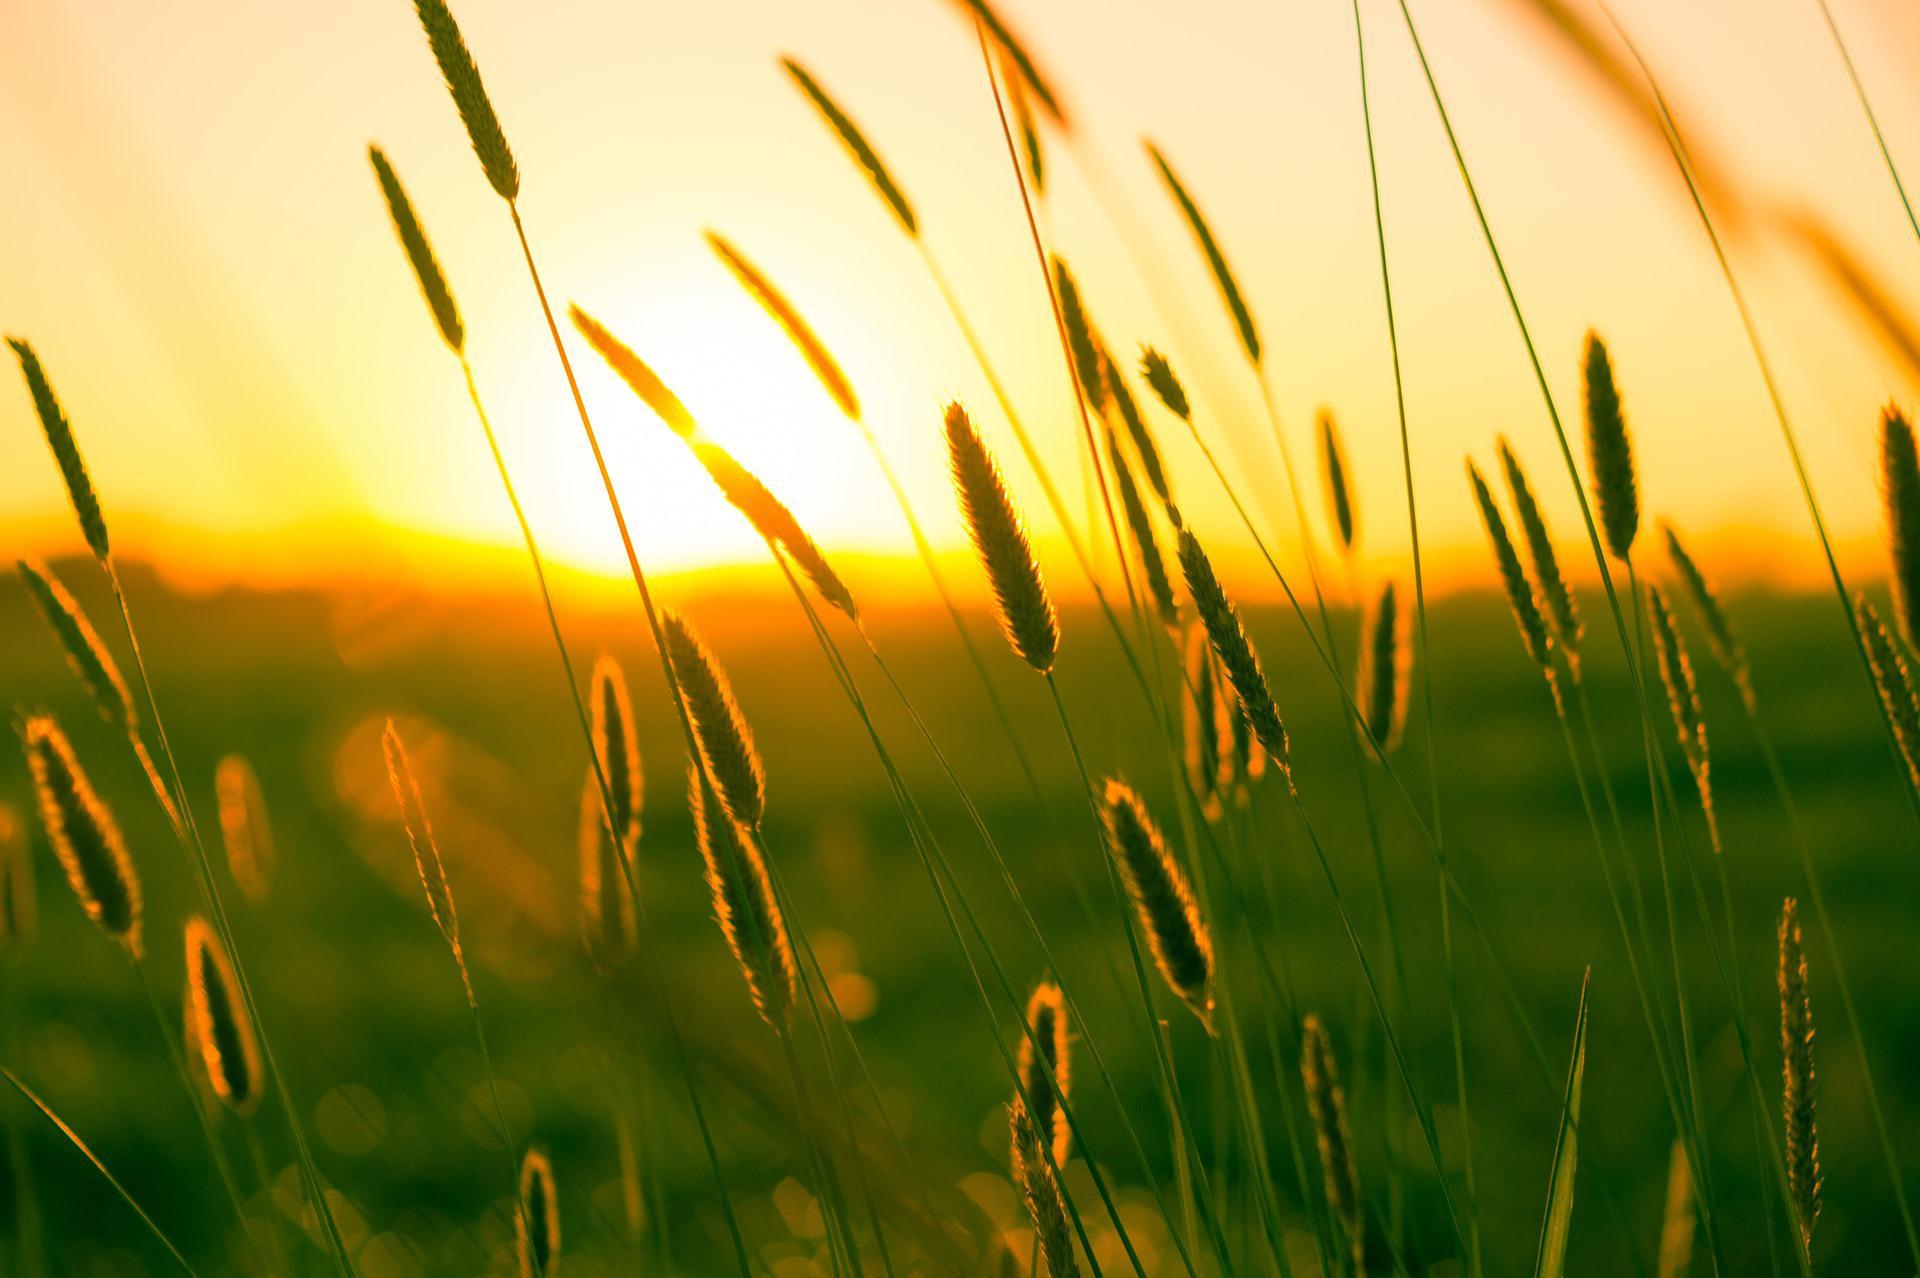 عکس زمینه گندم زار در هنگام غروب آفتاب پس زمینه